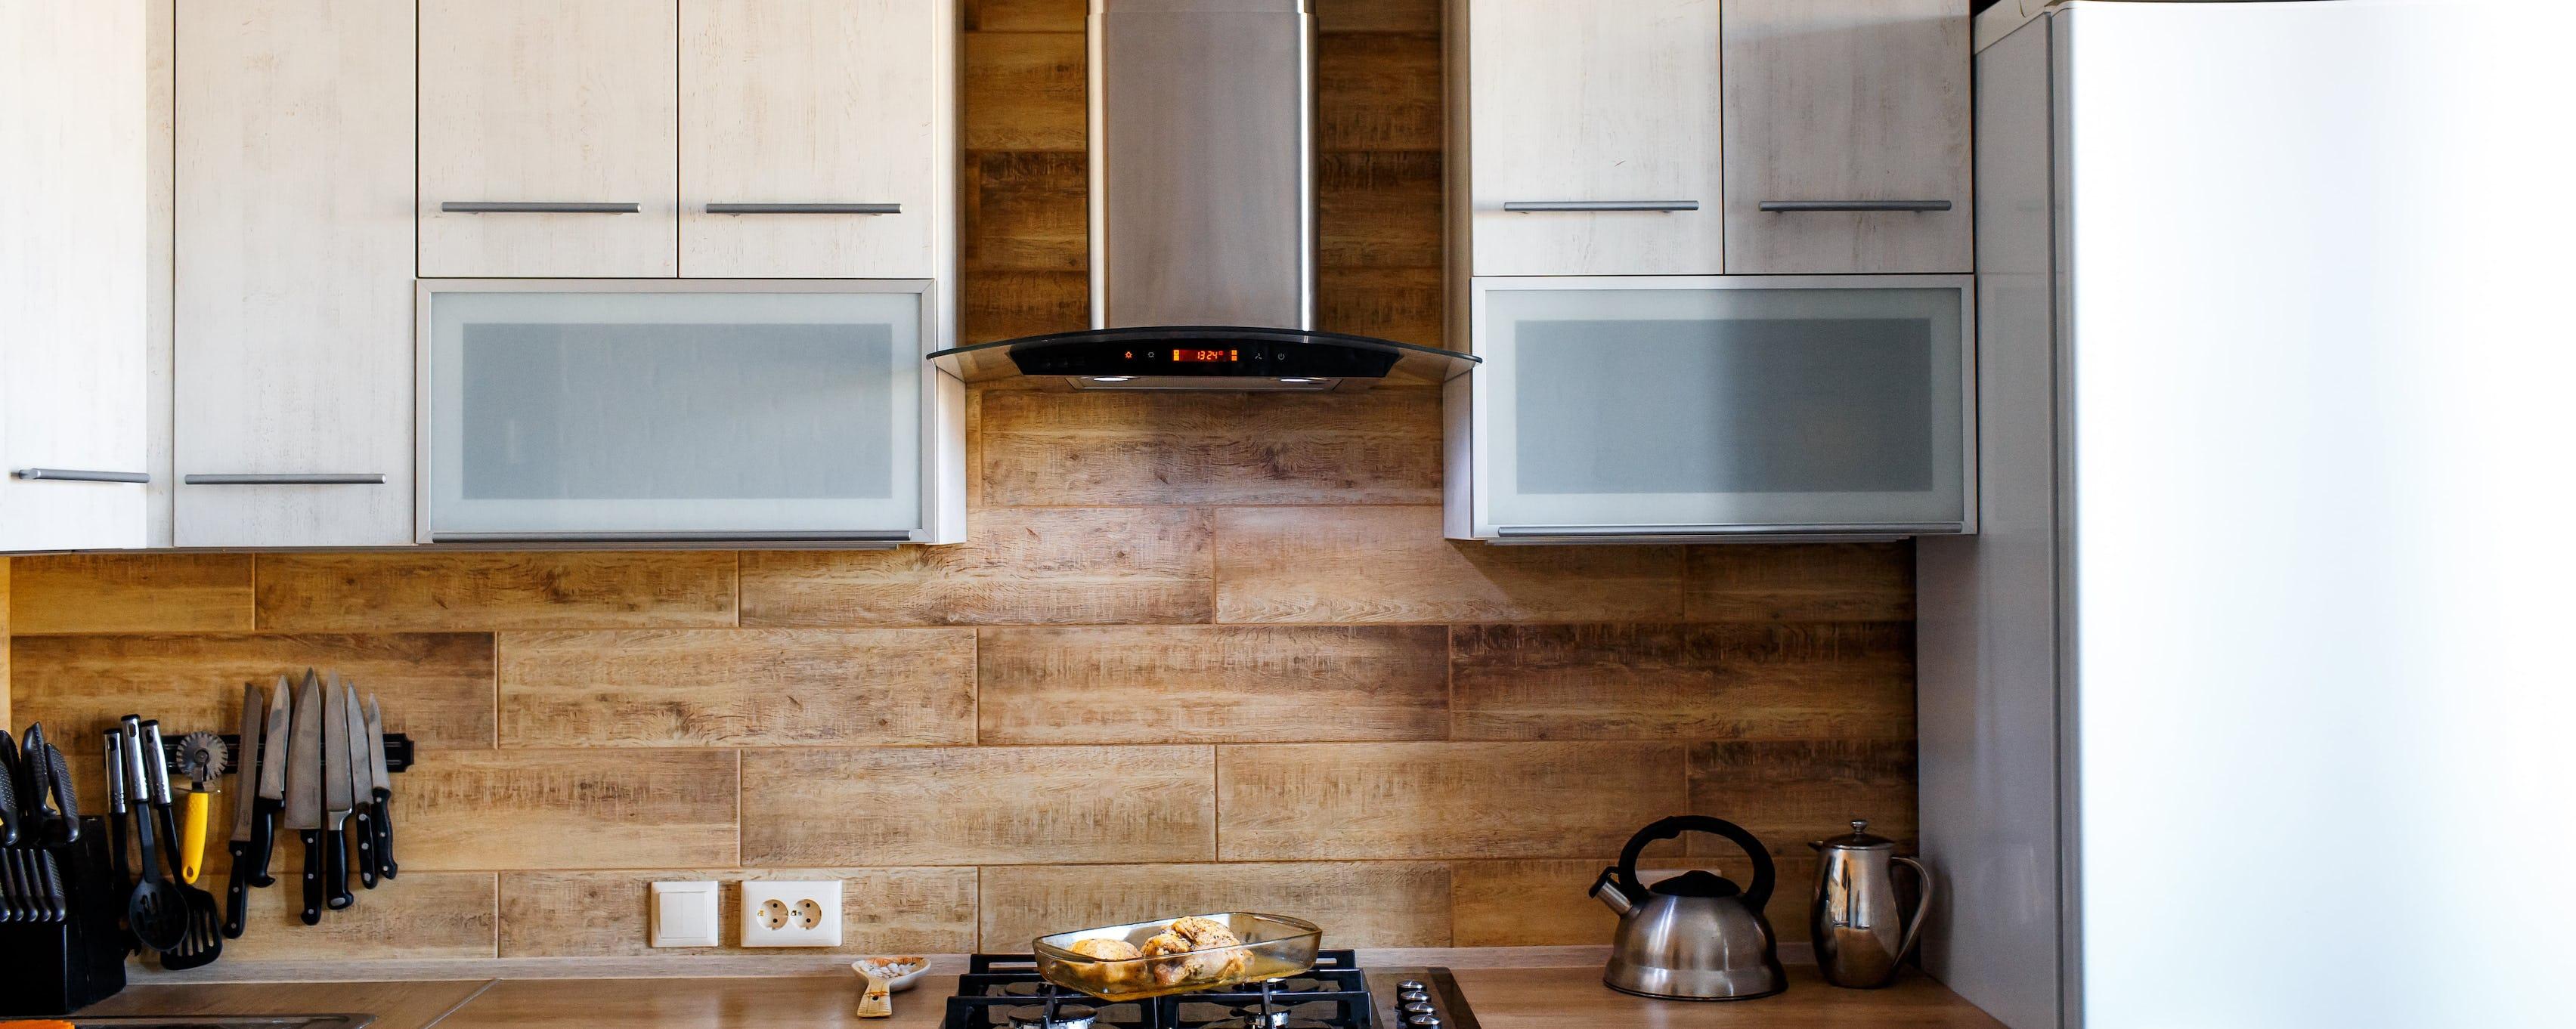 Exemple Devis Home Staging comment réaliser le home staging cuisine rustique ?